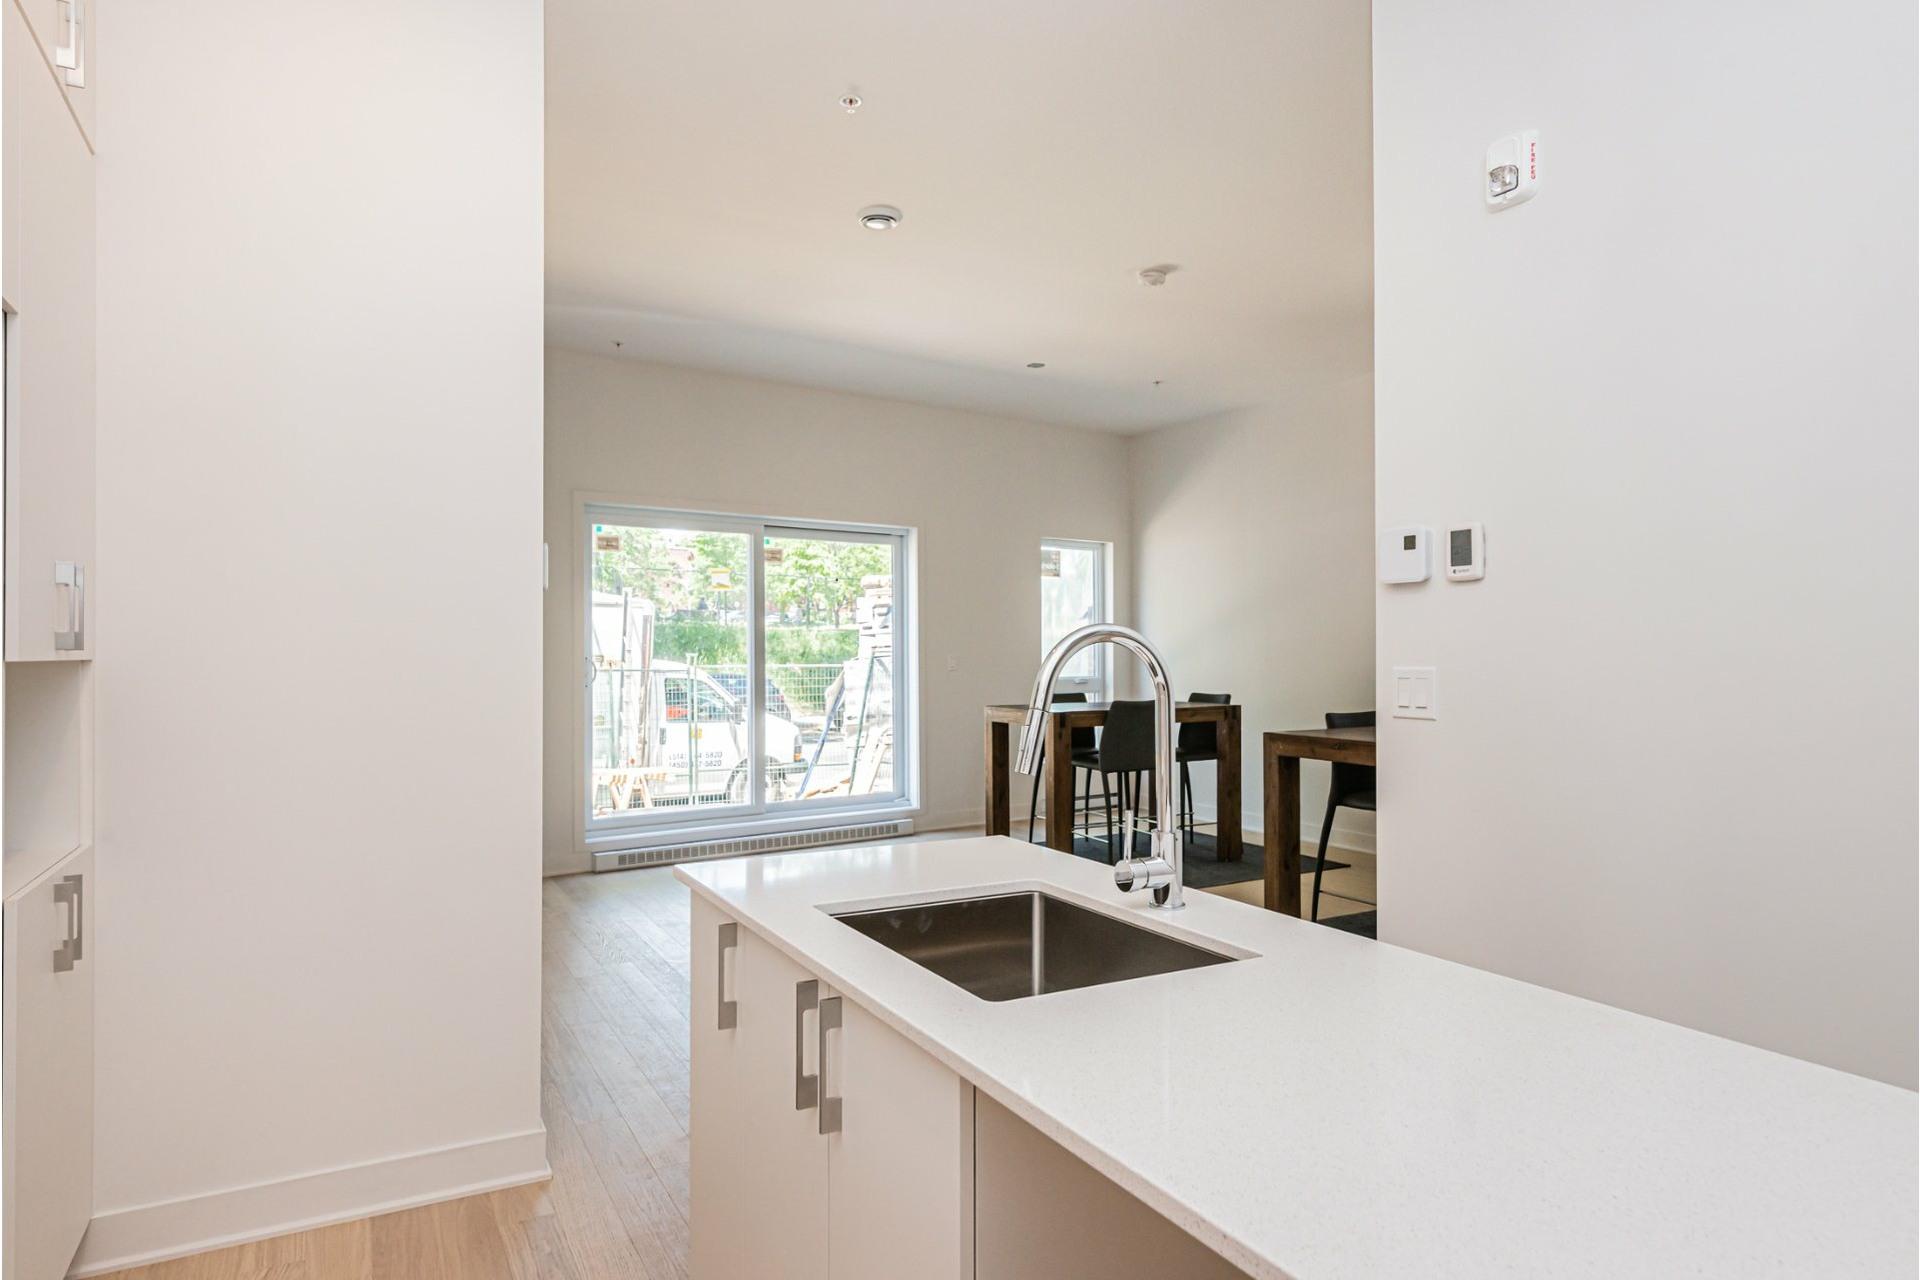 image 19 - Apartment For sale Rosemont/La Petite-Patrie Montréal  - 5 rooms